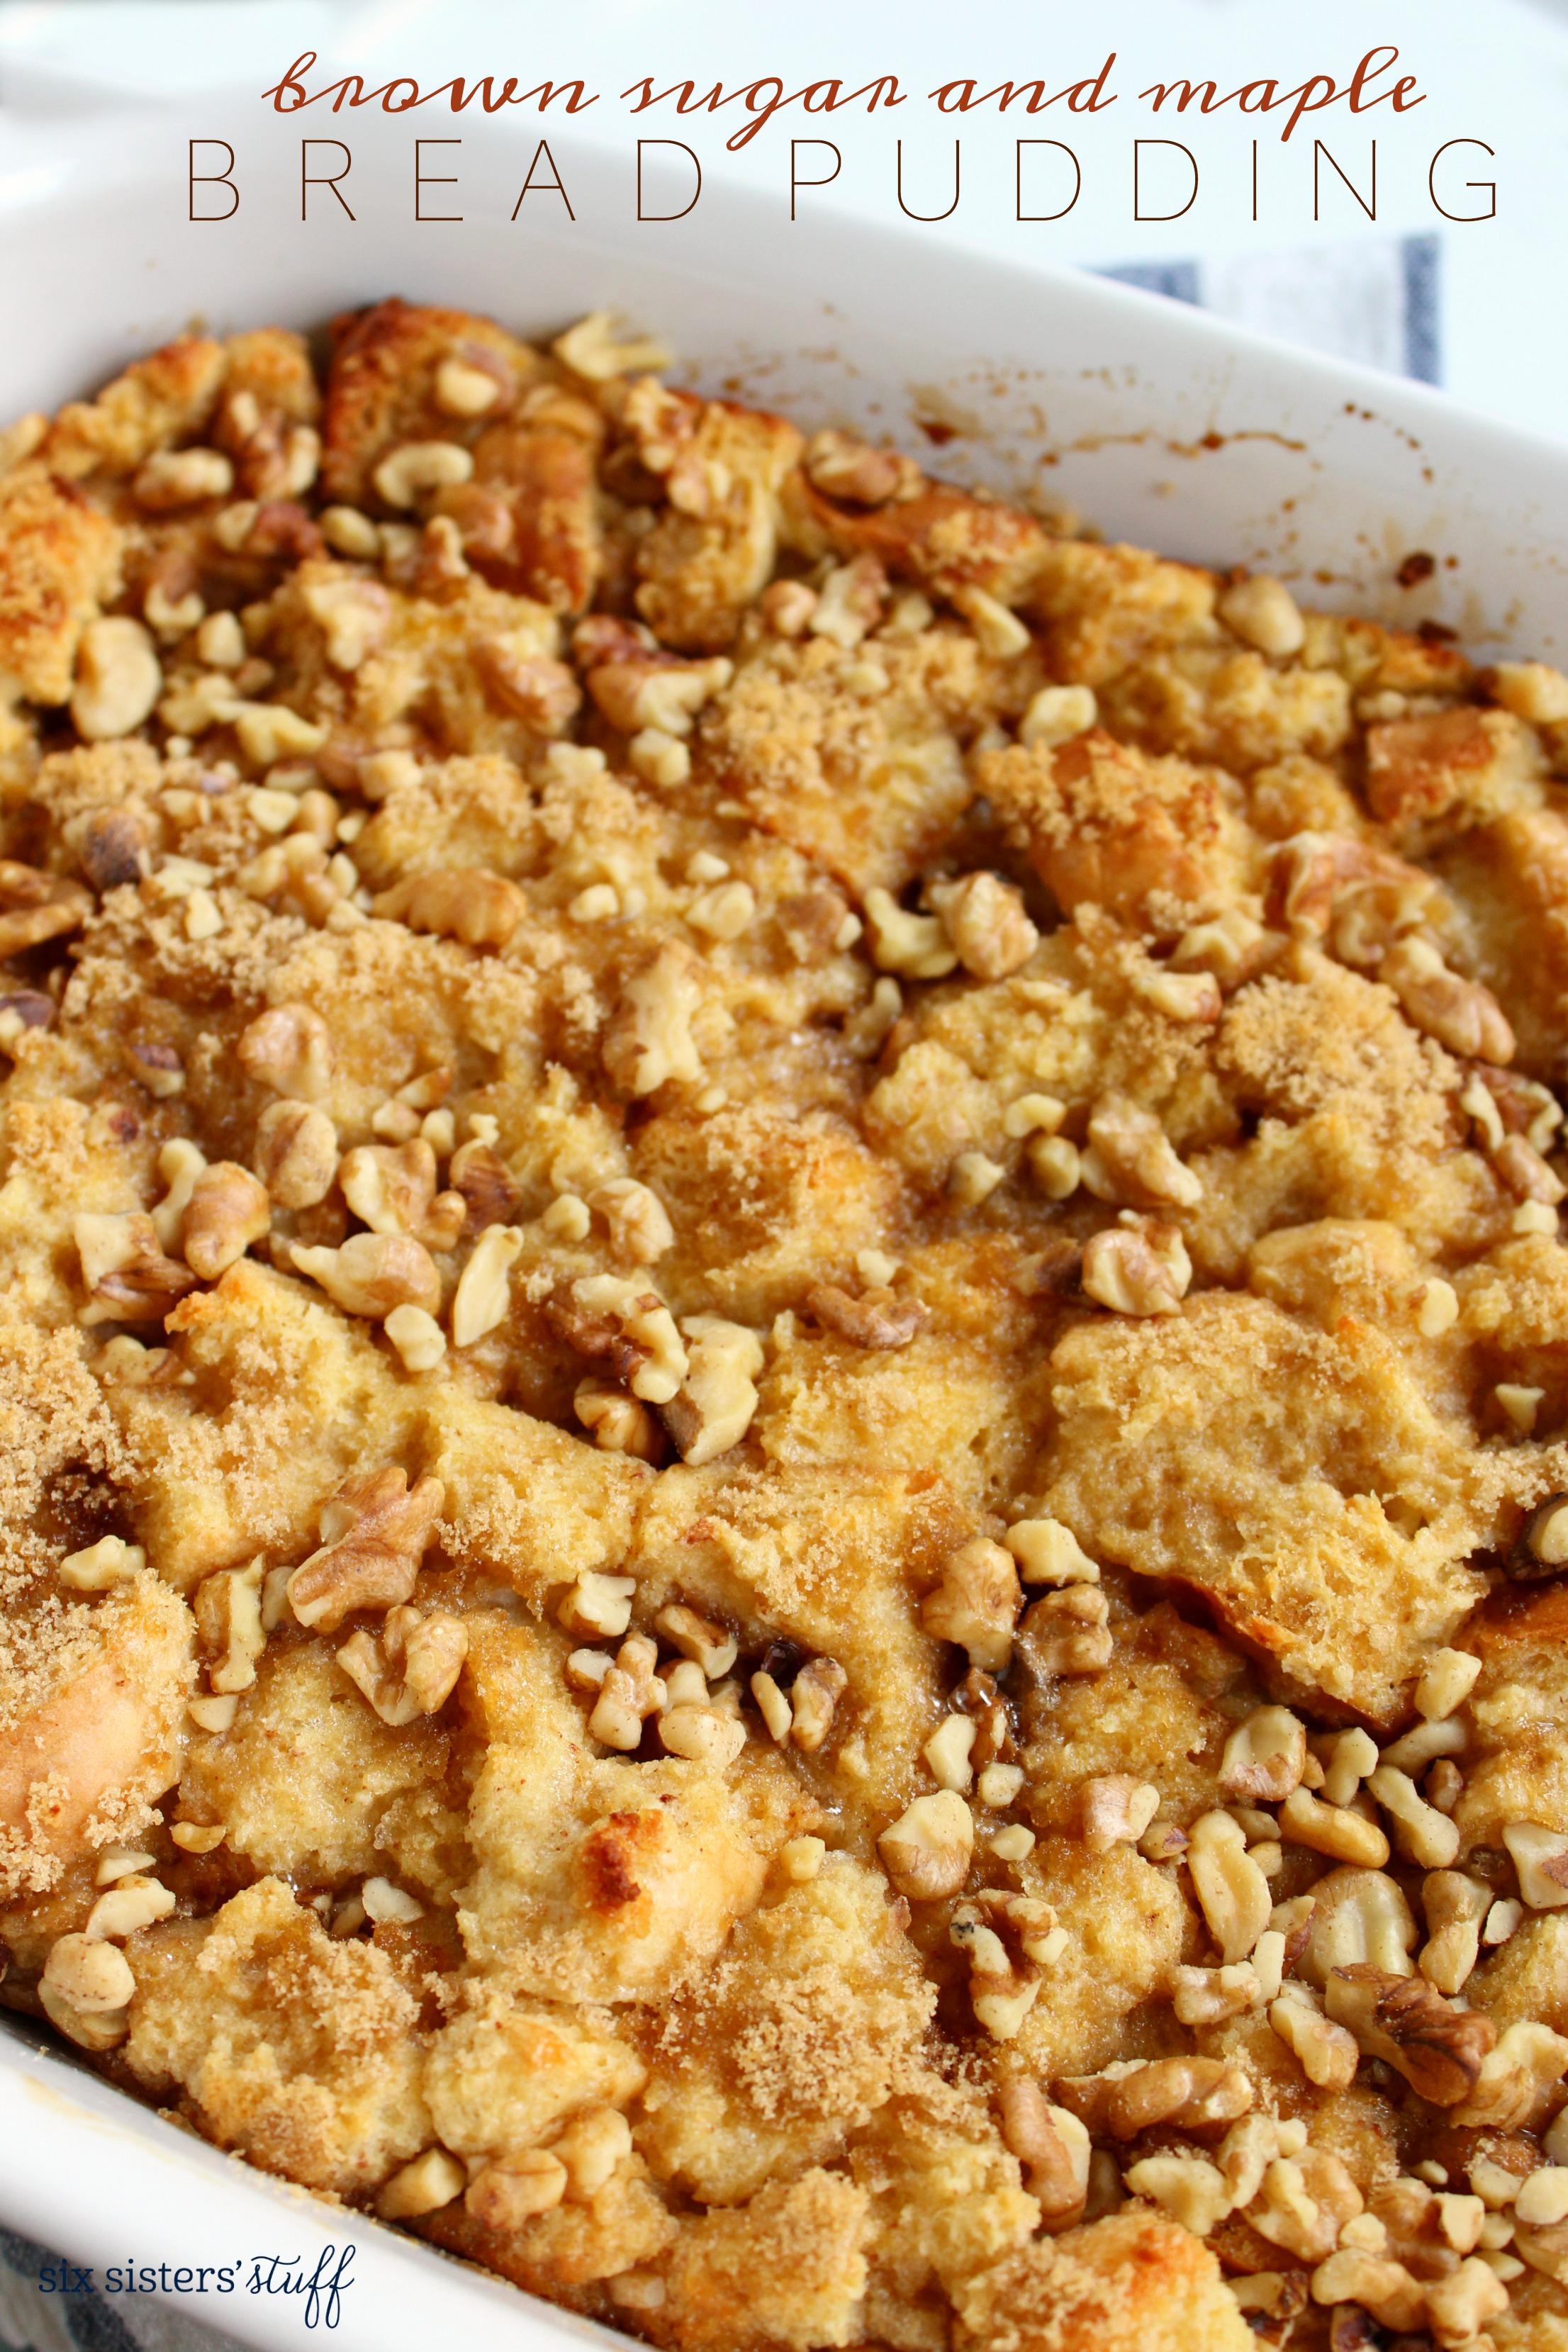 Brown Sugar and Maple Bread Pudding Recipe